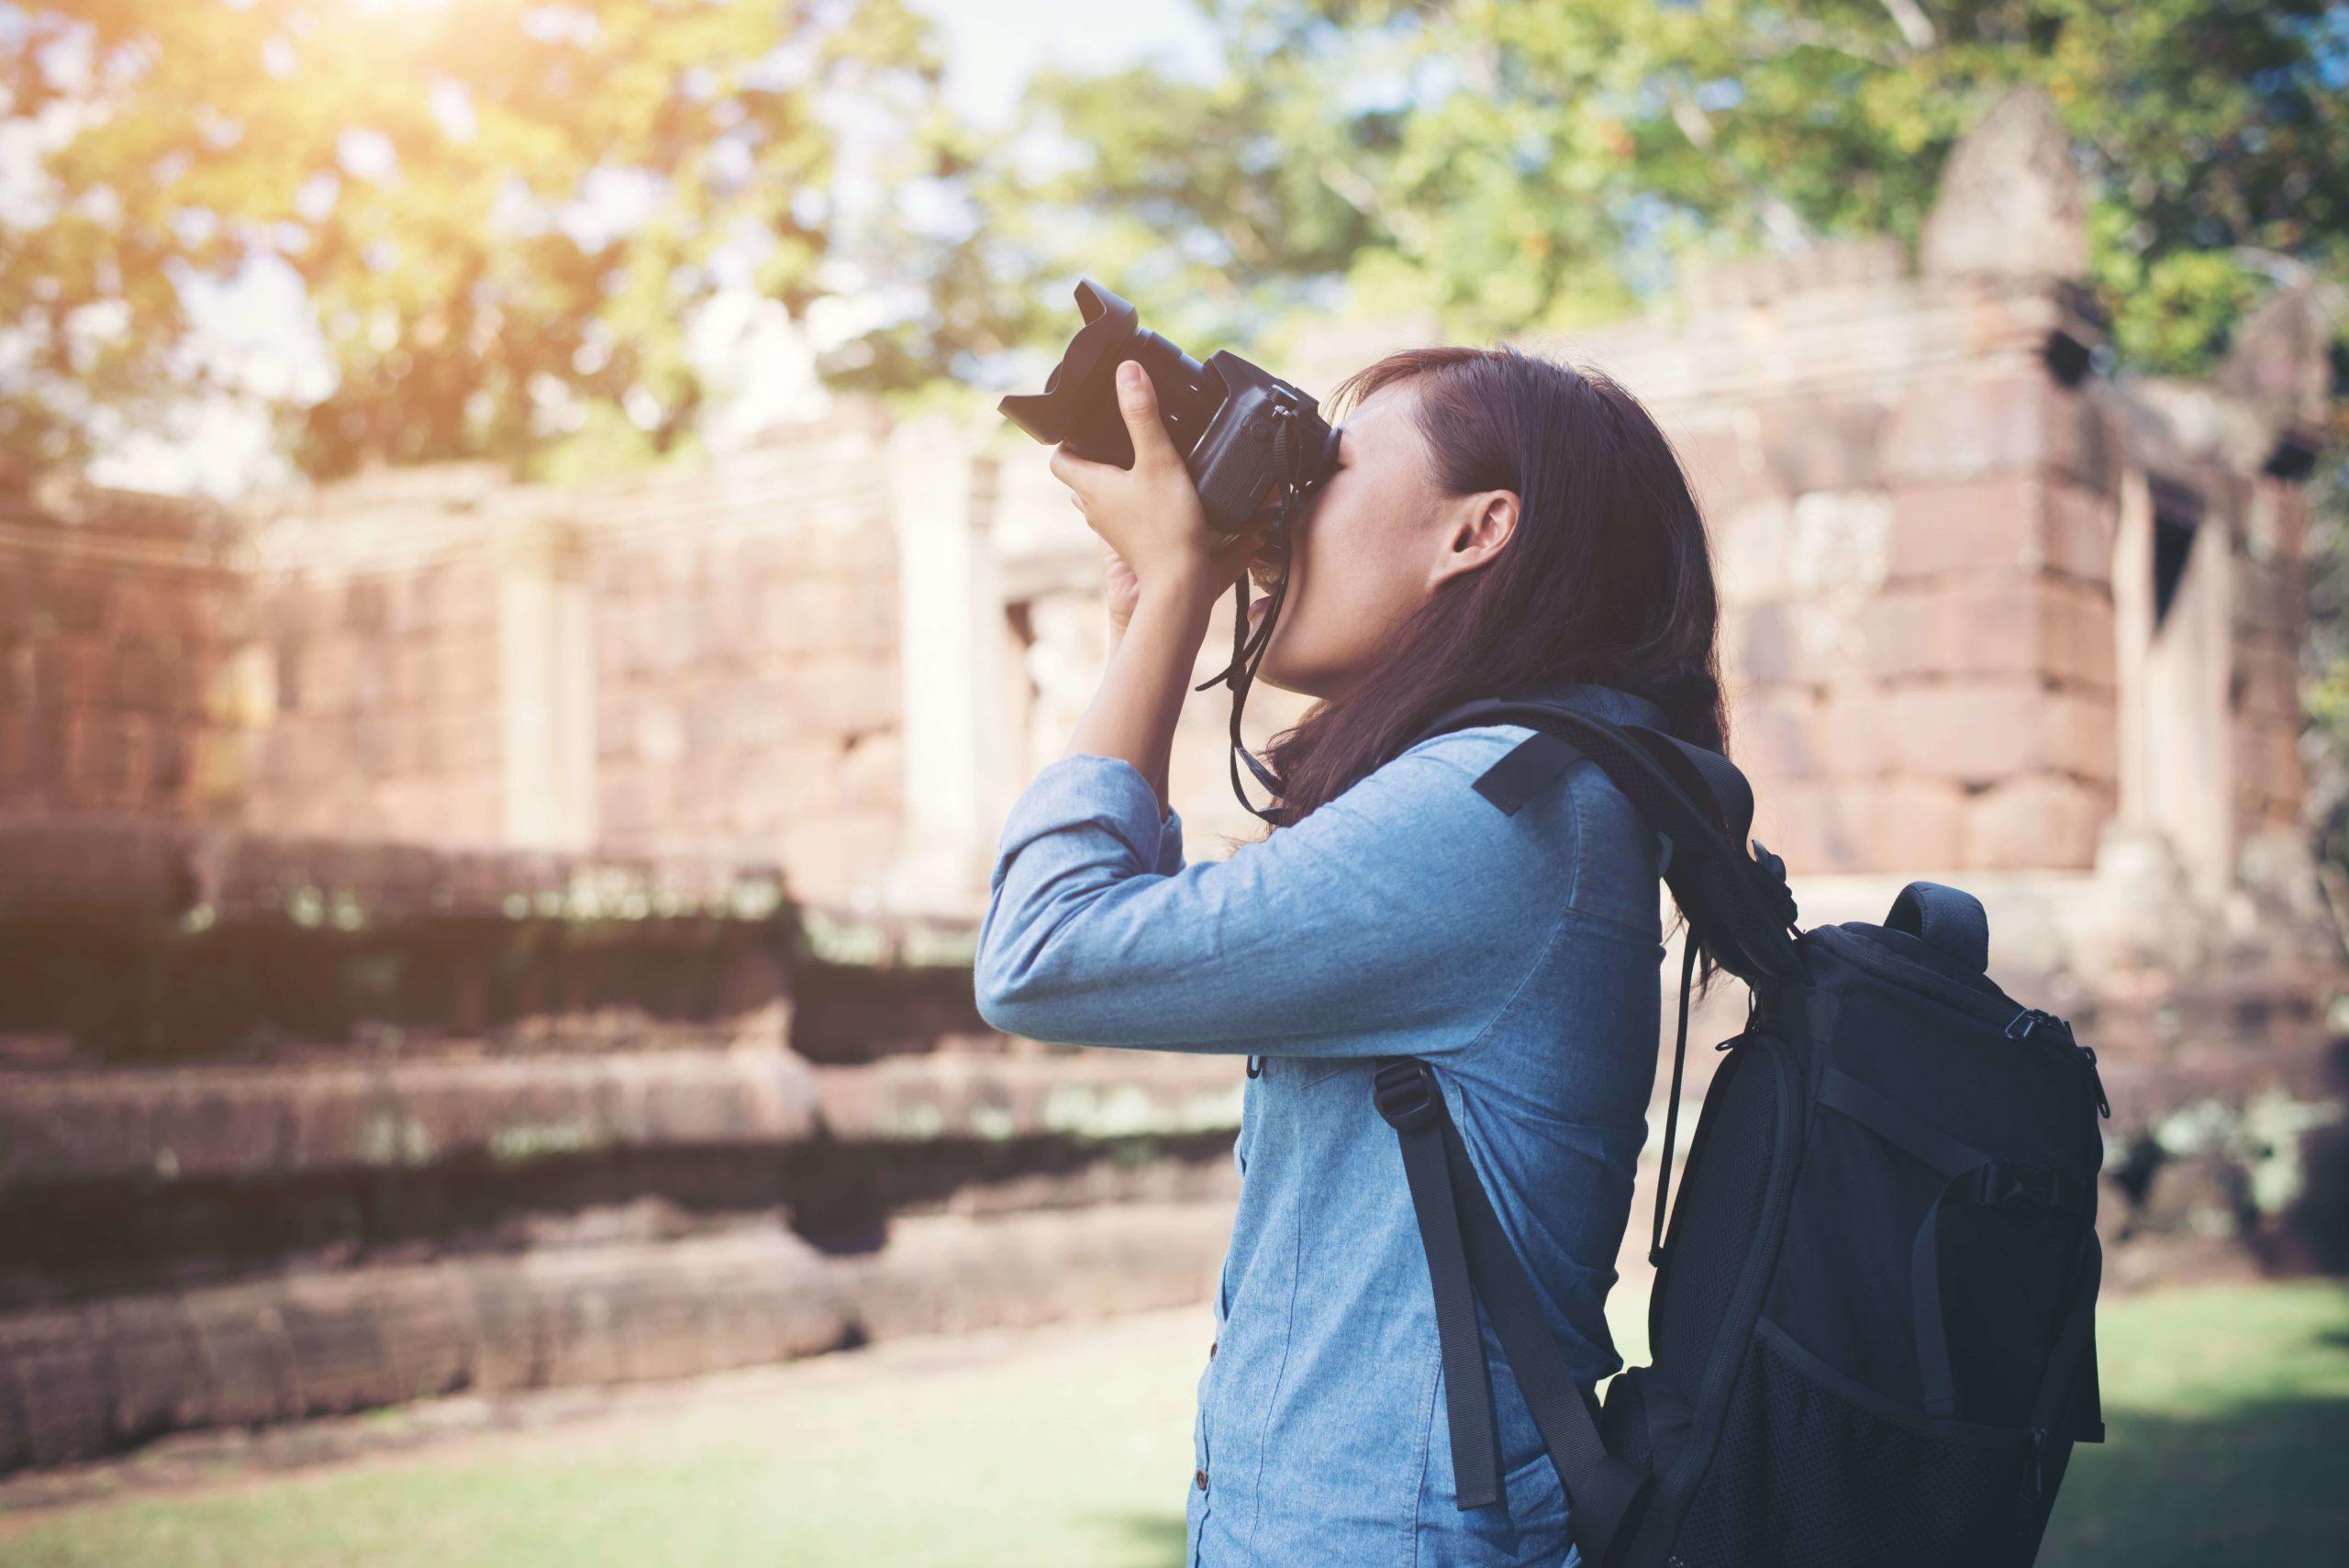 Fotógrafo freelancer: Conheça as vantagens e desafios dessa profissão !